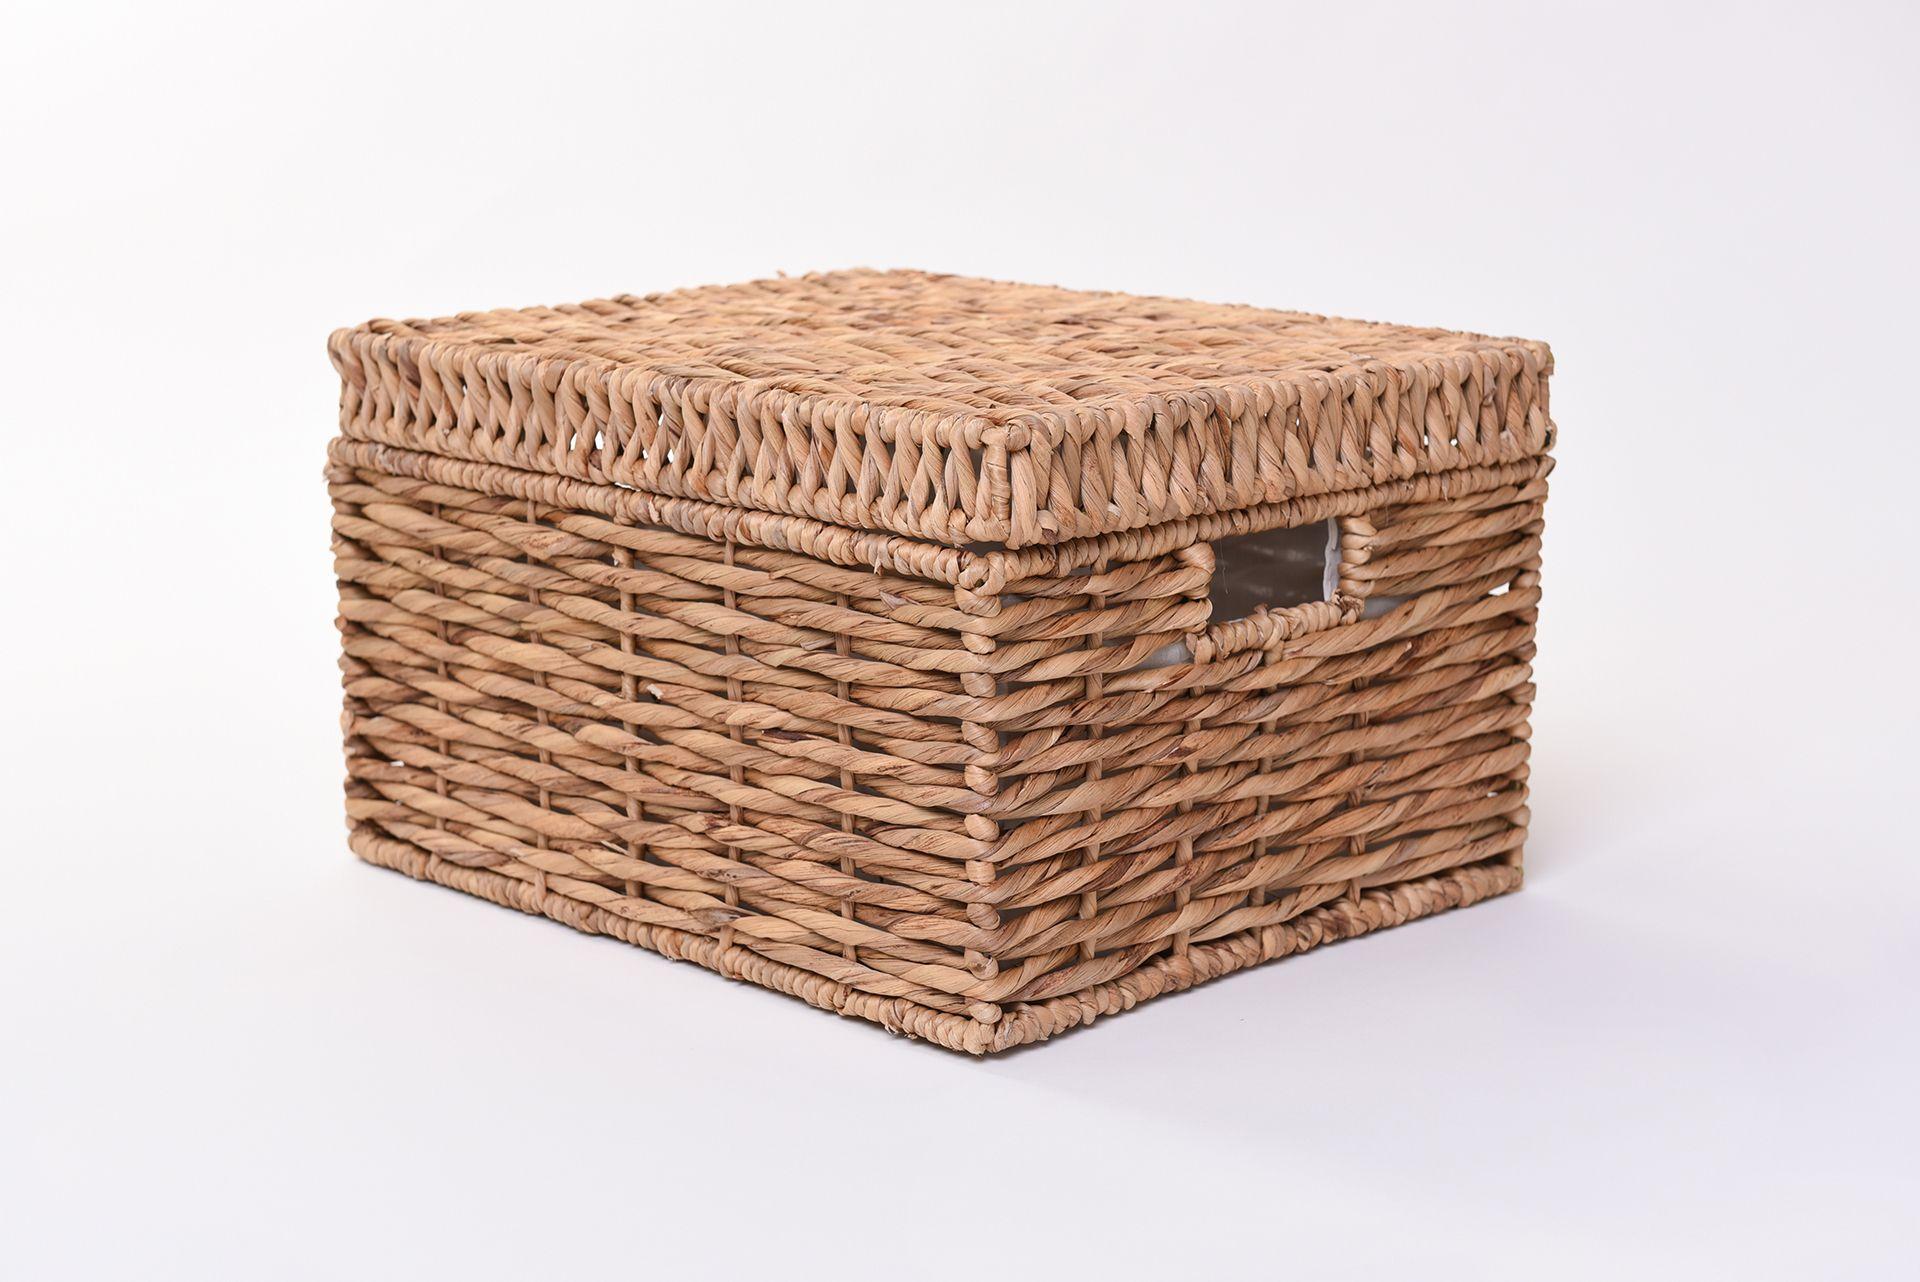 vivanno korb mit deckel kira aus wasserhyazinthe 41 cm natur ae trade online. Black Bedroom Furniture Sets. Home Design Ideas